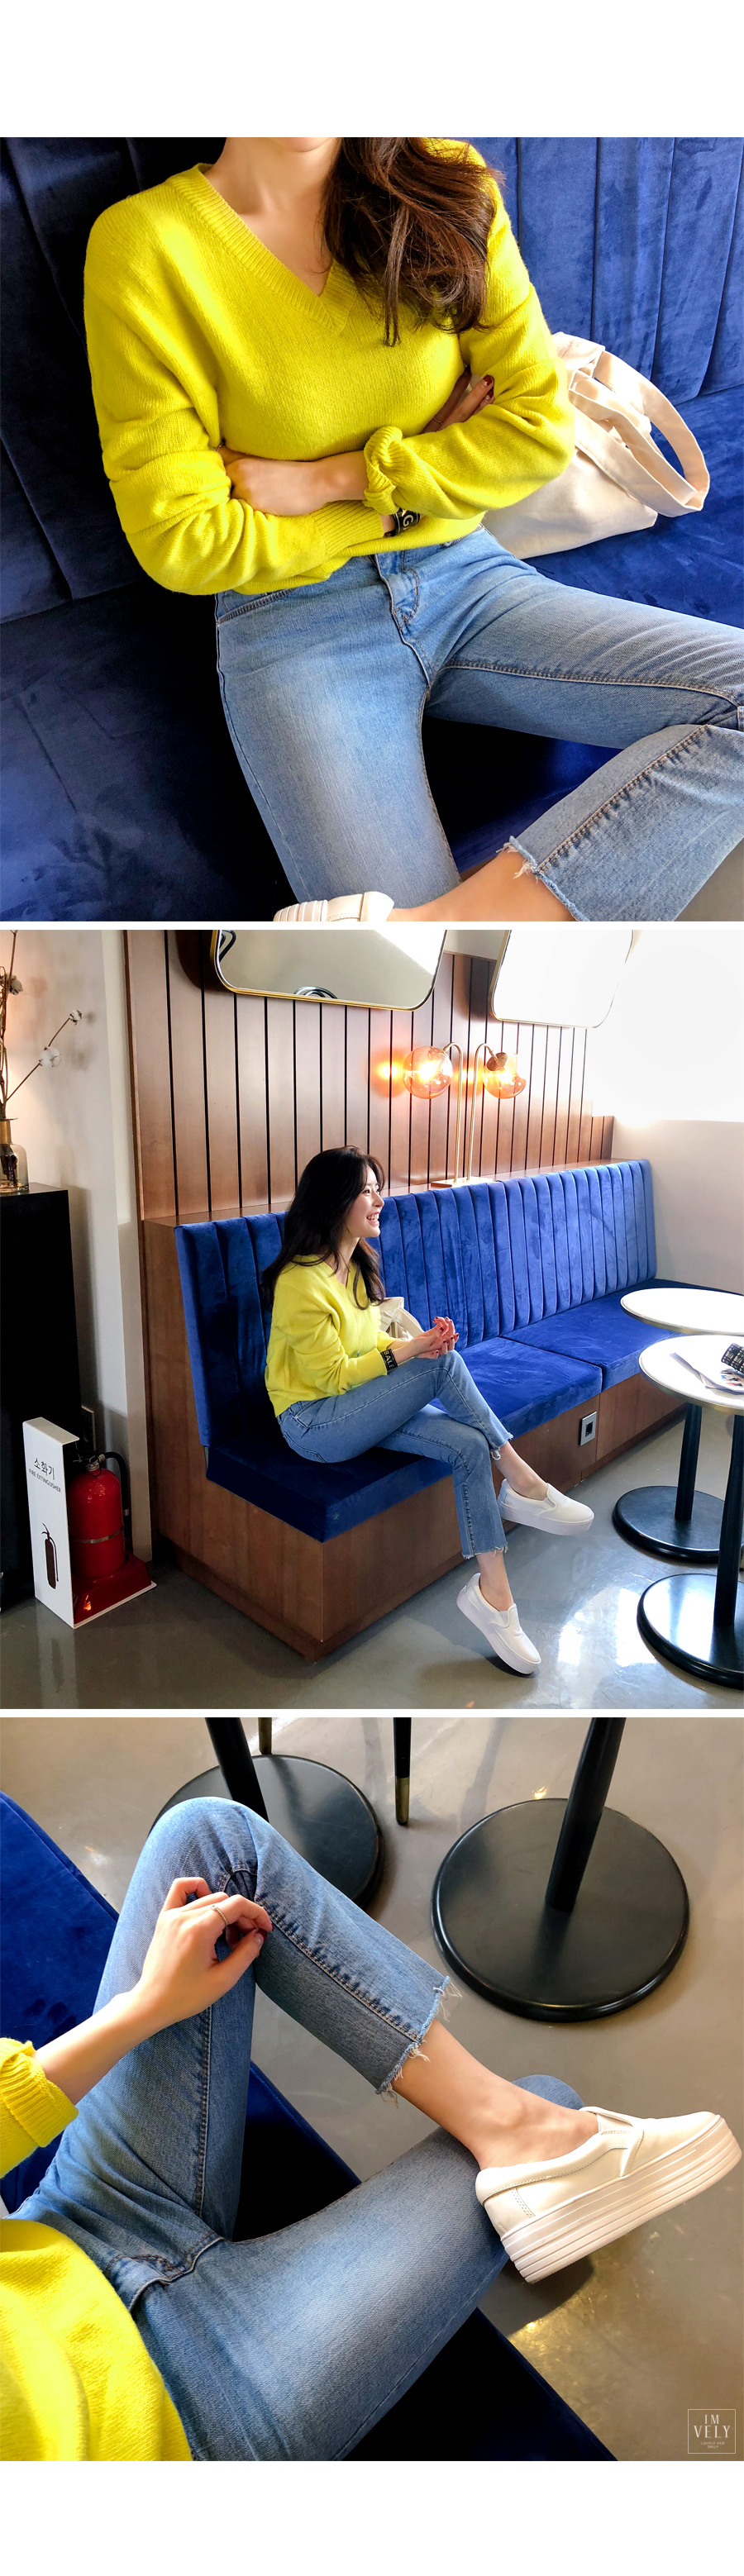 180117 kmjlime 02 - 韓国通販サイト「イムブリー」で注文した綺麗色ニットの口コミ